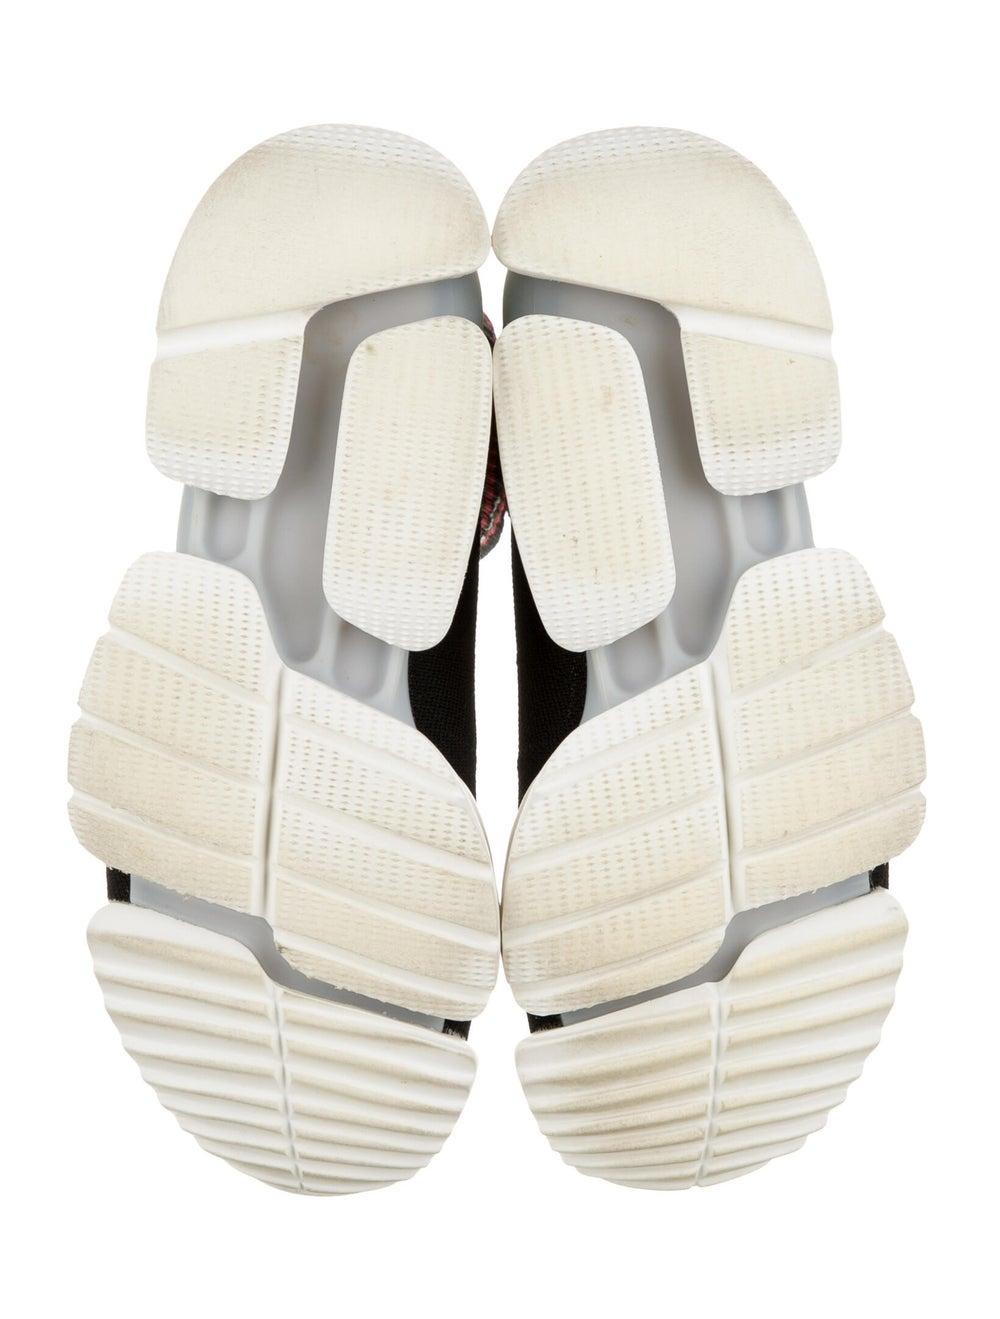 Vetements x Reebok Pump Sock Sneakers Black - image 5